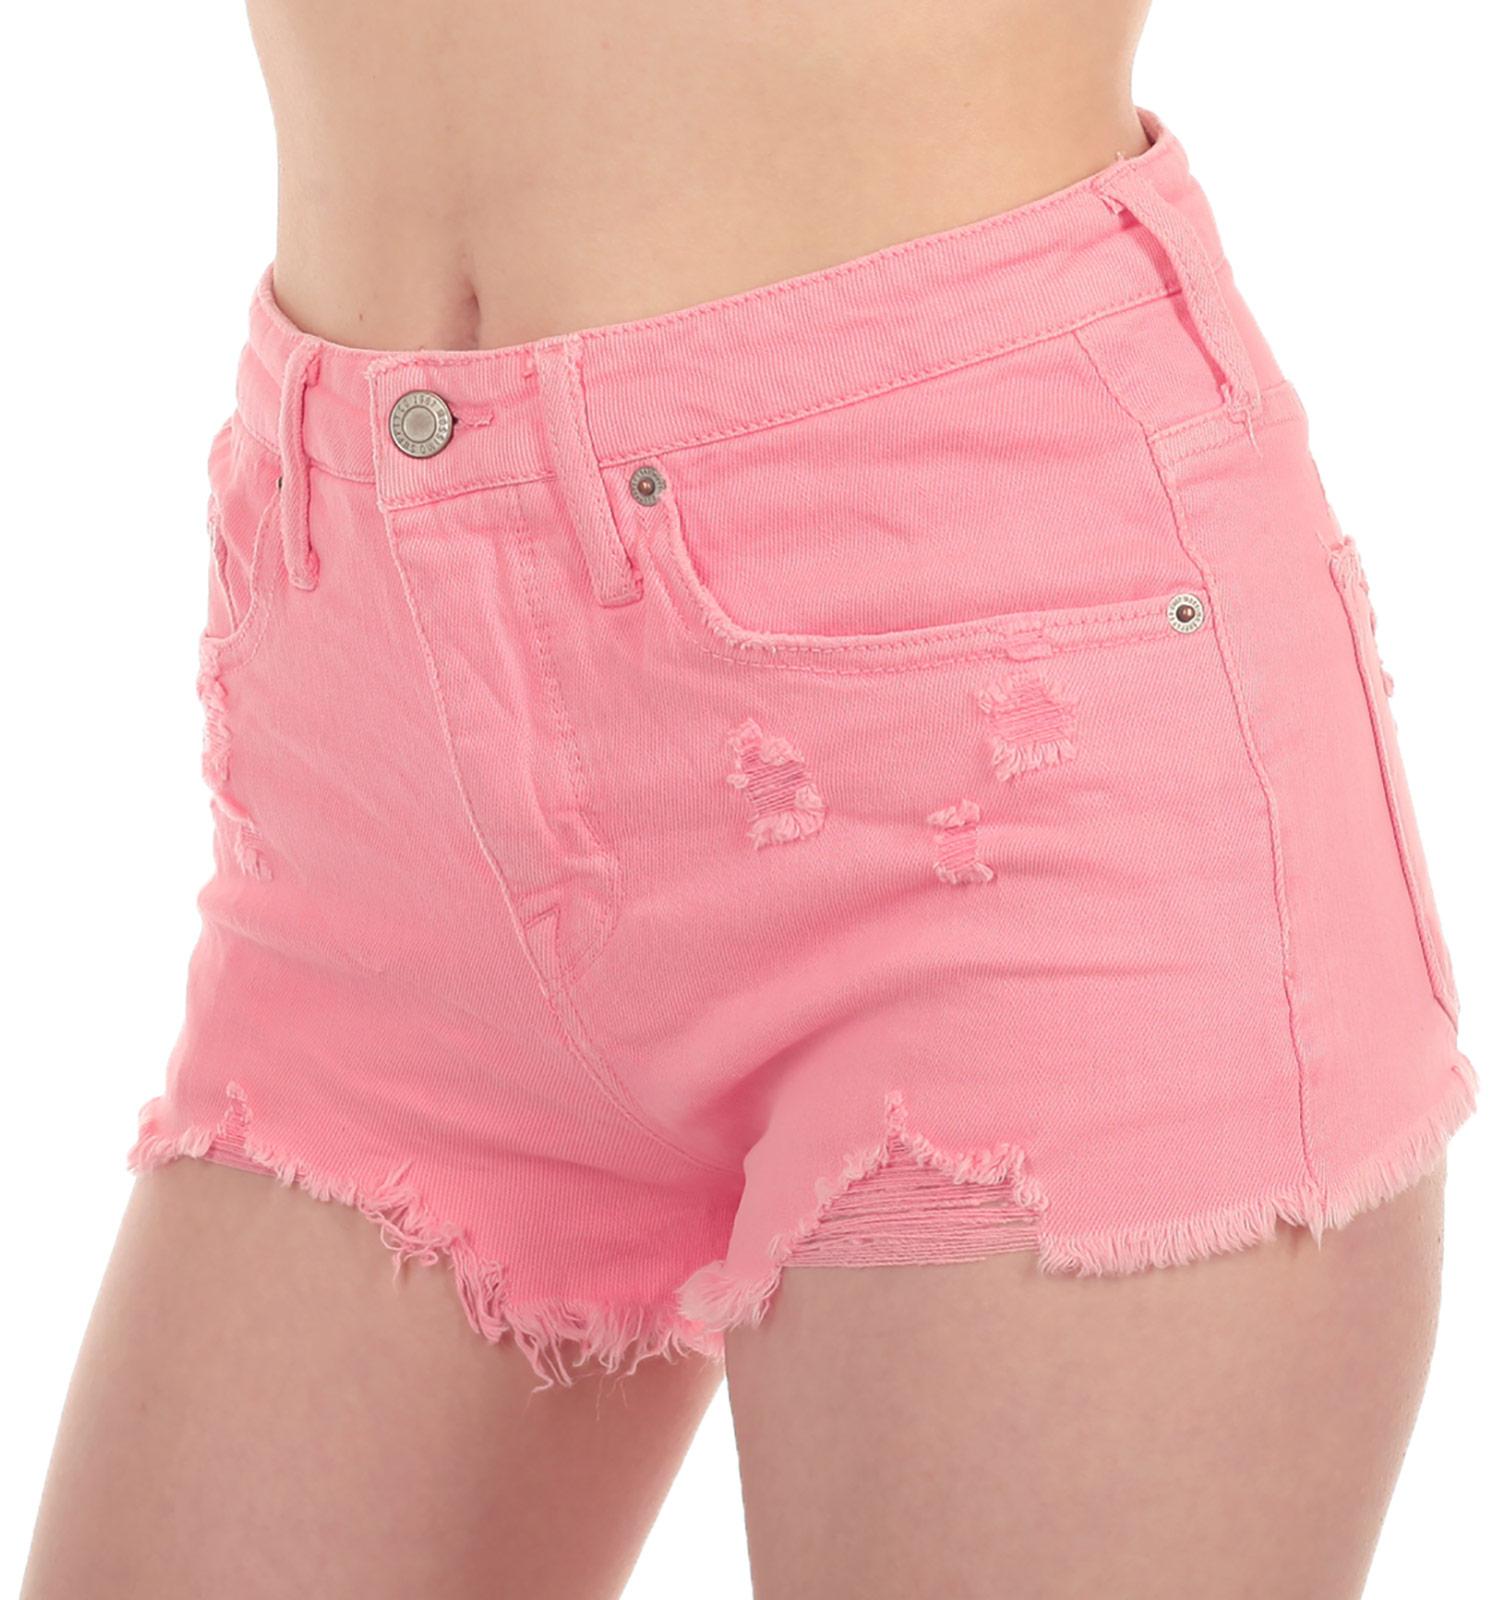 Купить в интернет магазине брендовые женские шорты на лето